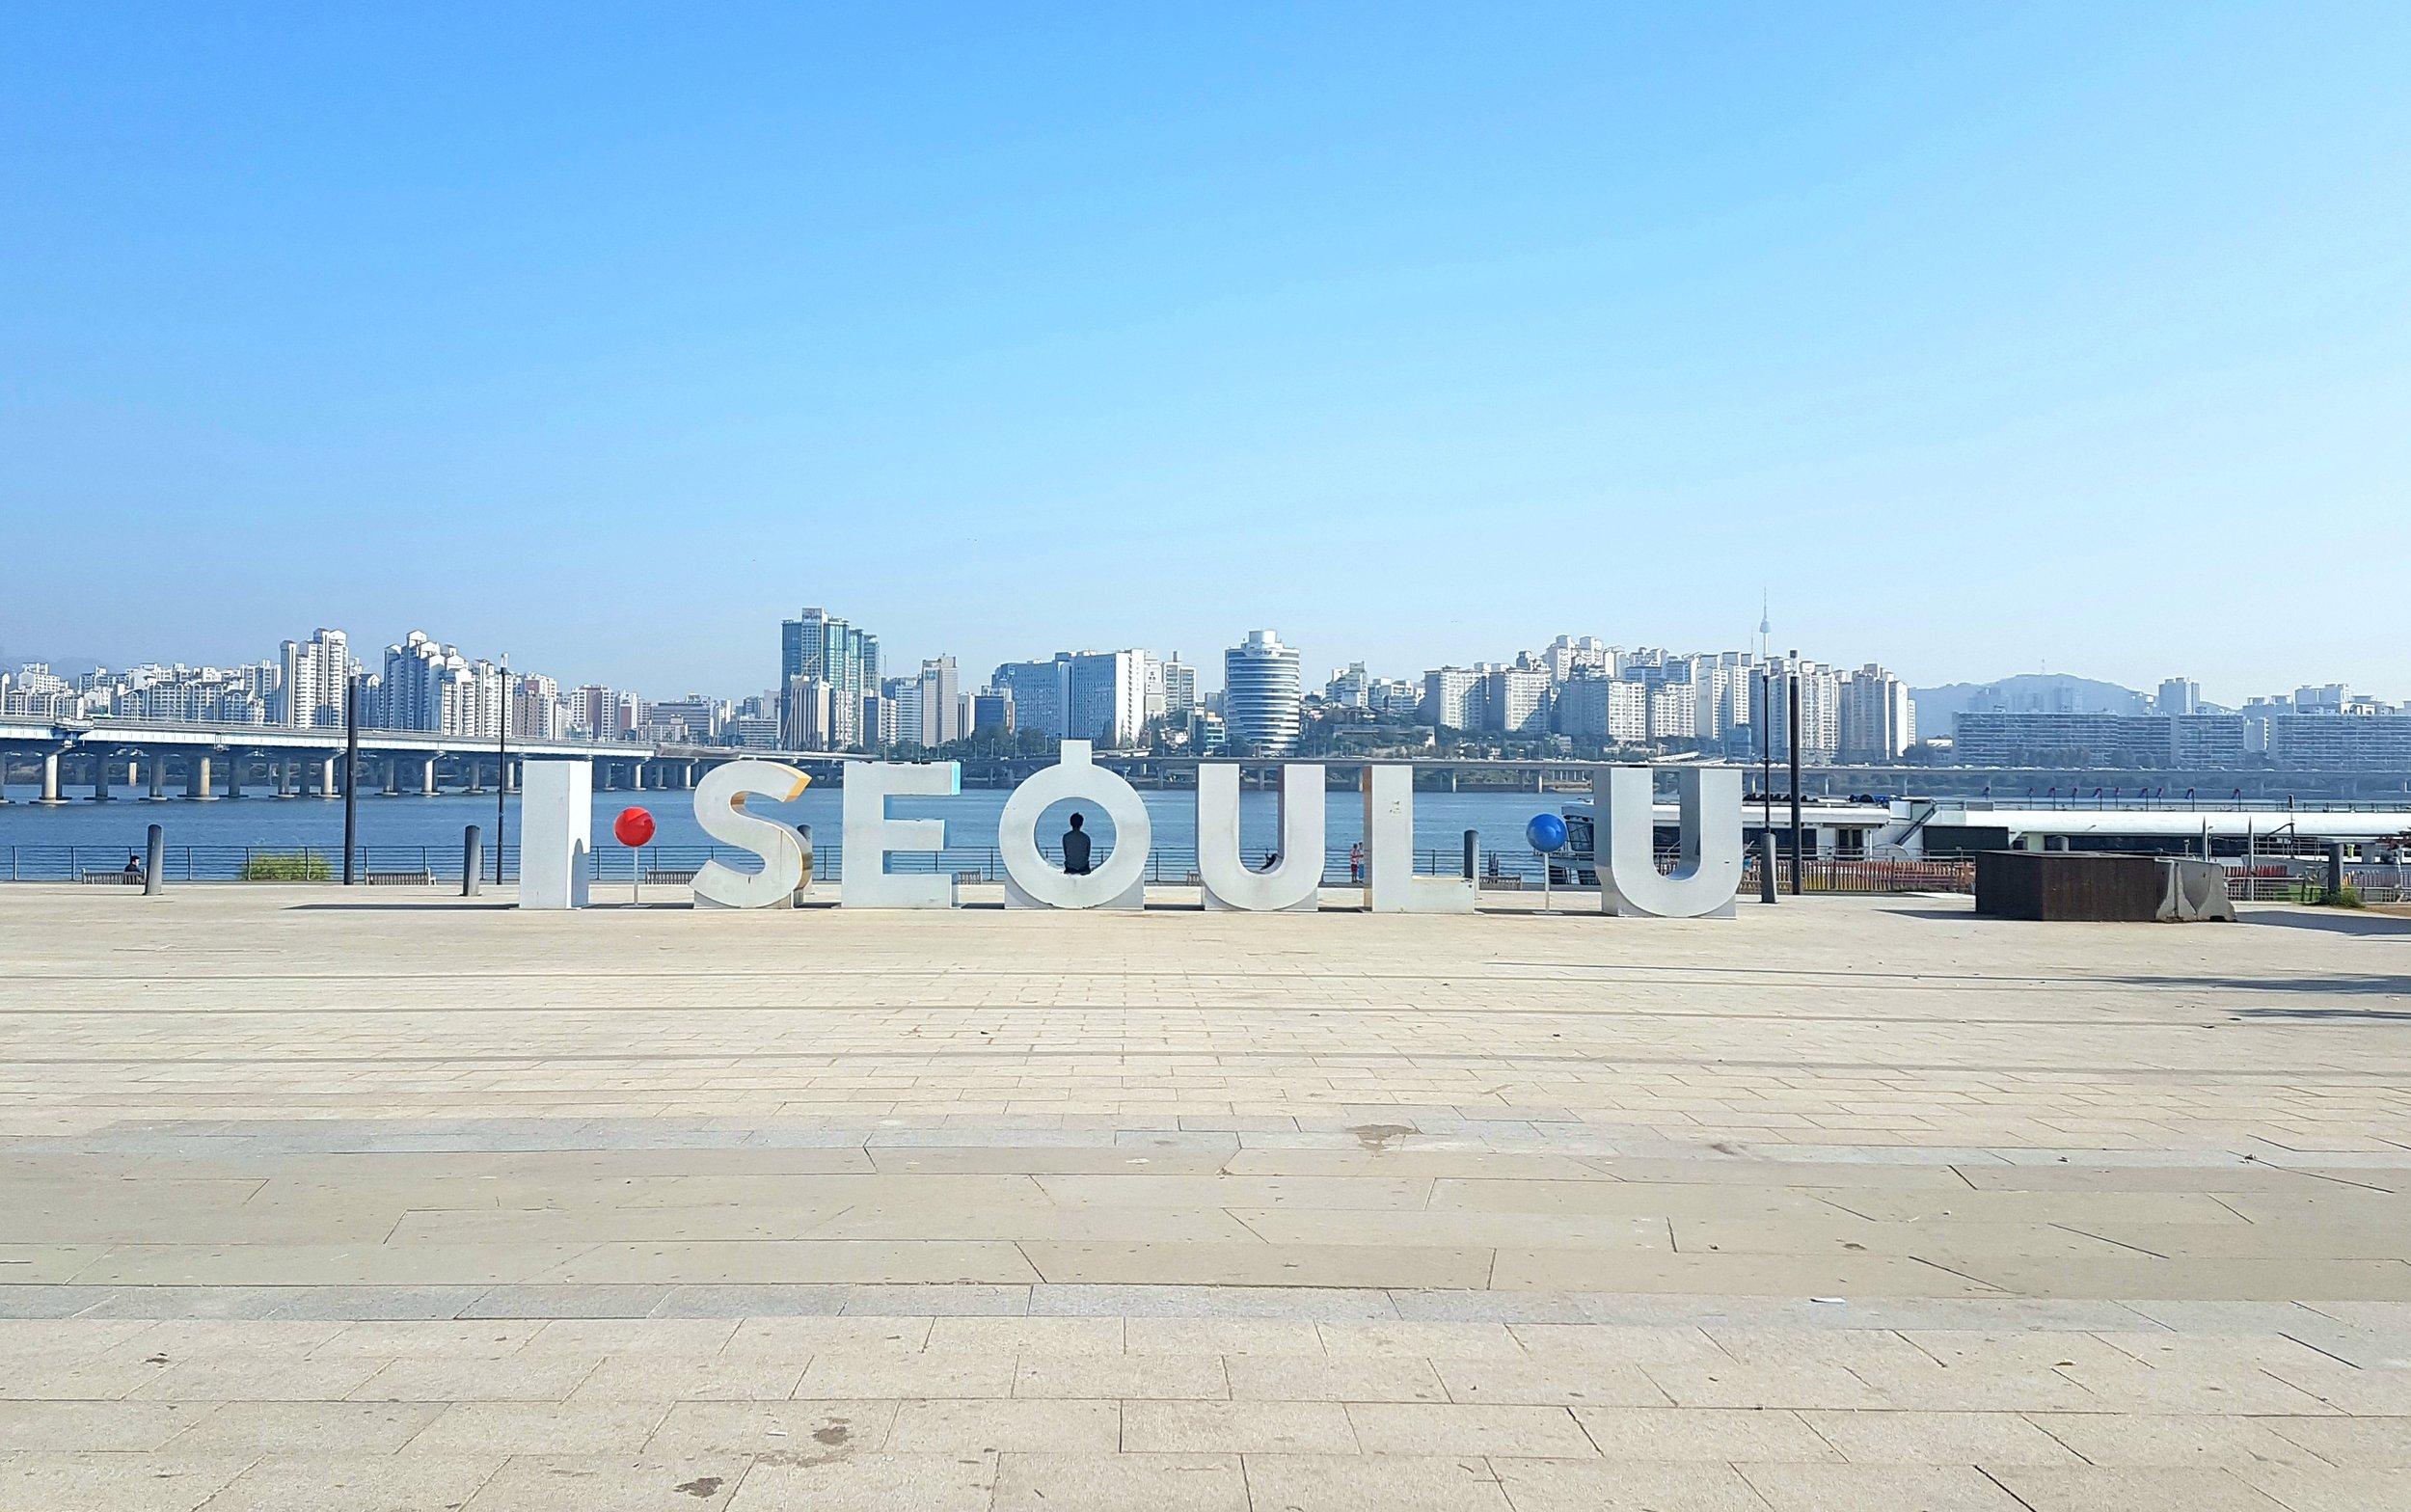 서울 - Seoul